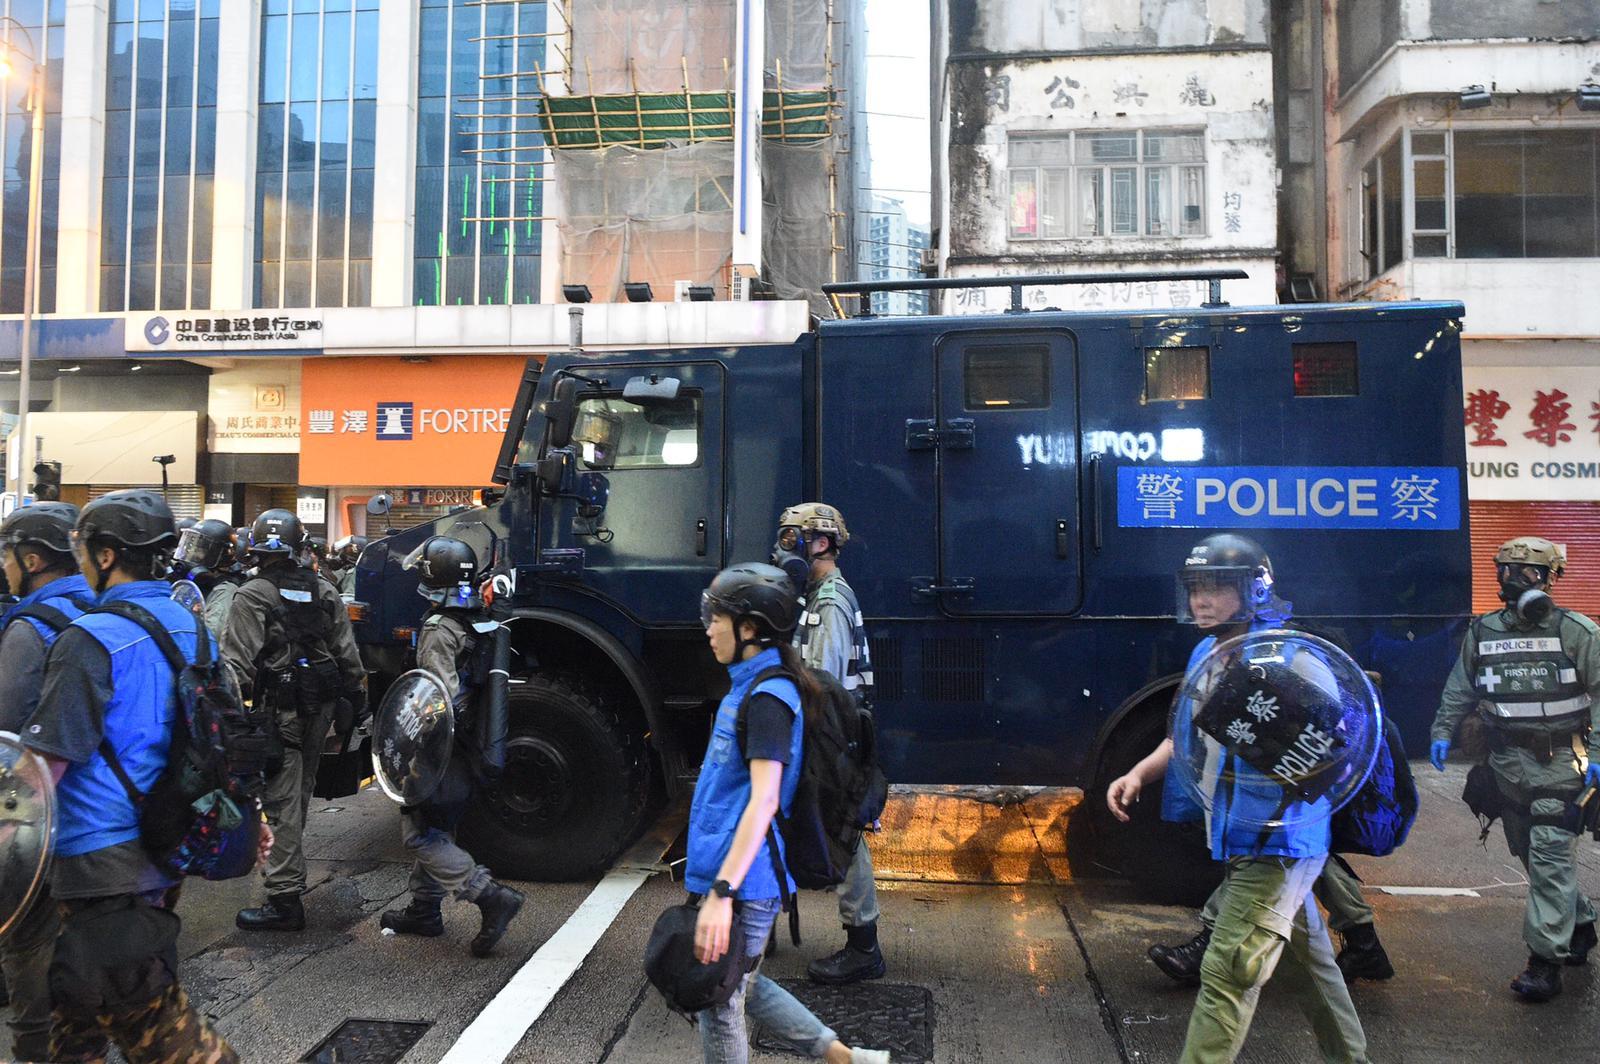 警方裝甲車駛進荃灣沙咀道戒備